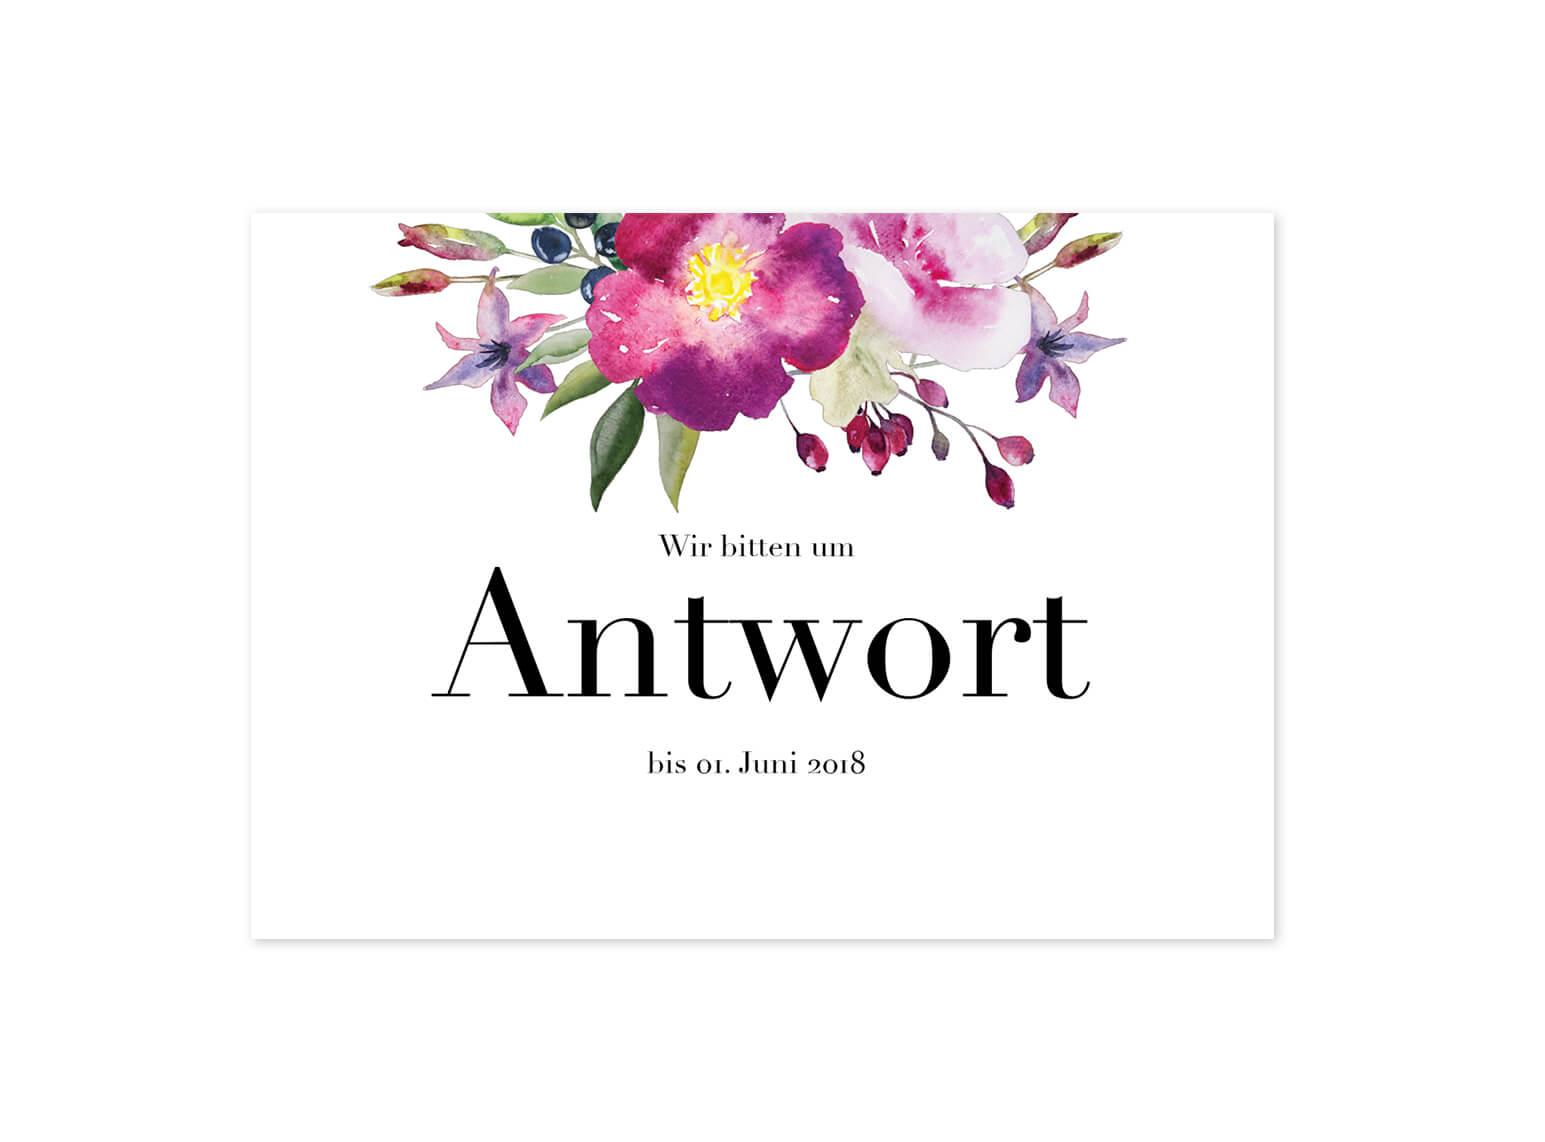 Antwortkarte Hochzeit Rosen Design